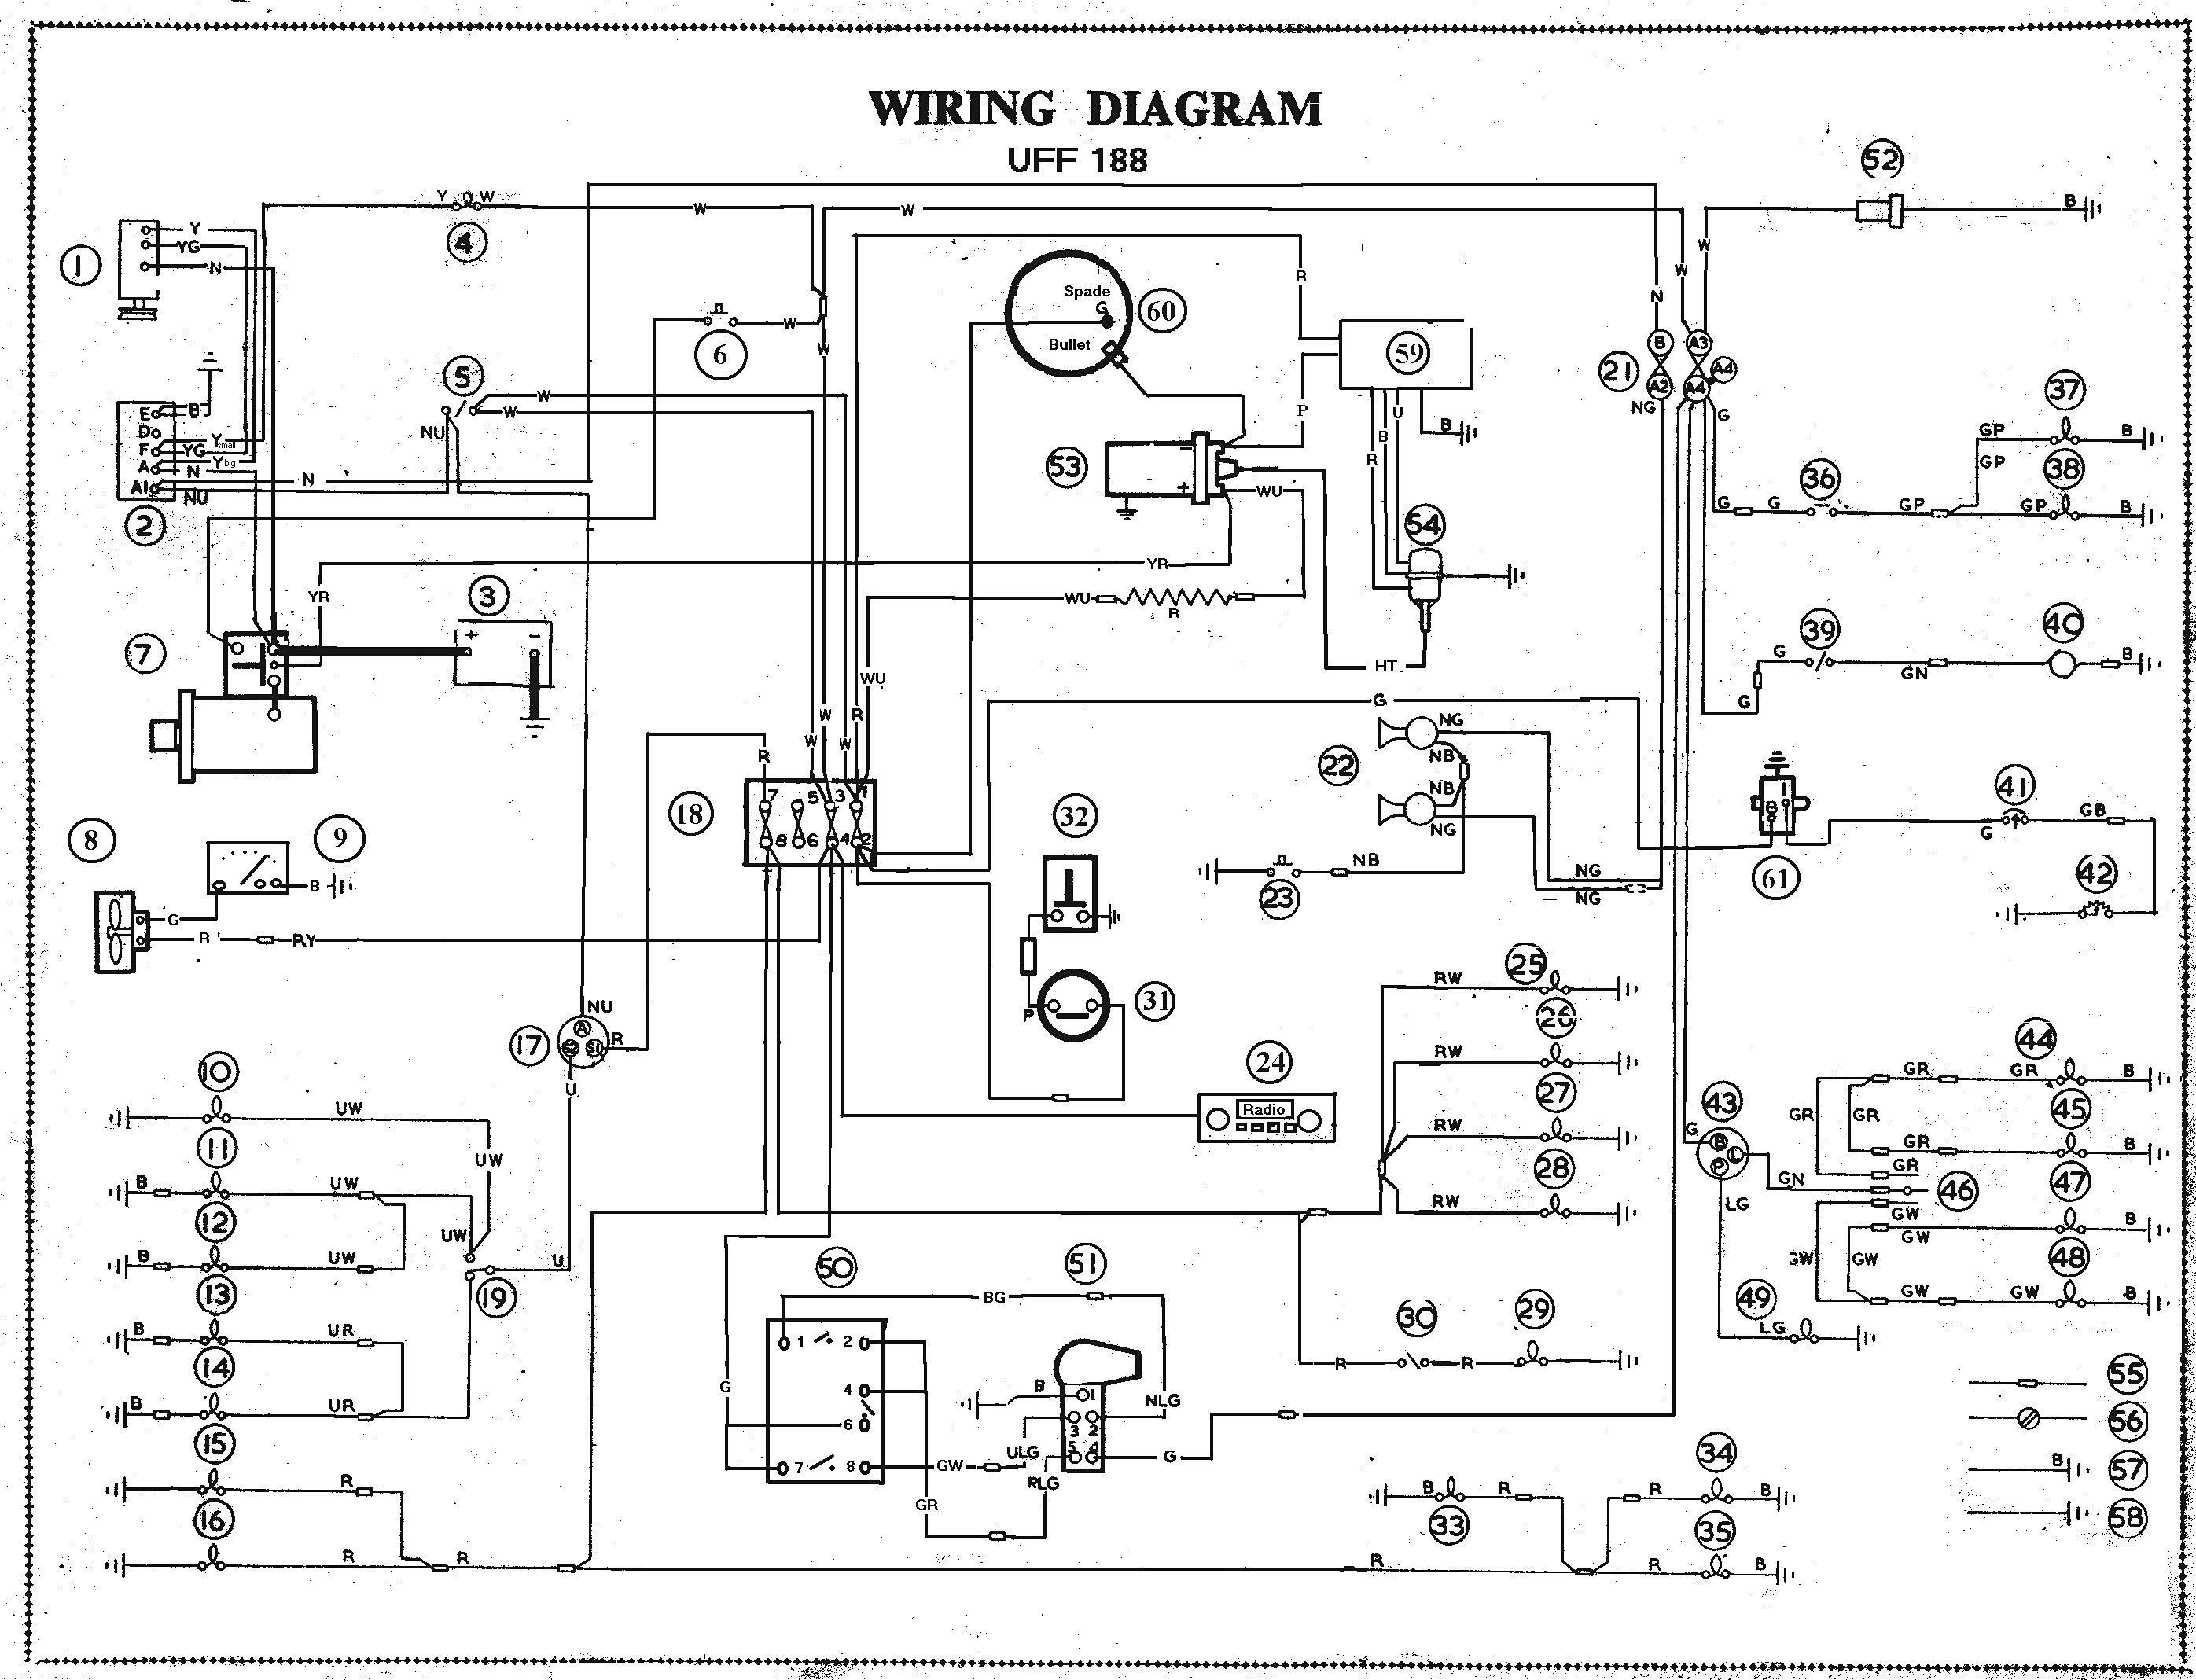 Unique Wiring Circuit Diagram Diagram Wiringdiagram Diagramming Diagramm Visuals Vi Diagram Design Electrical Wiring Diagram